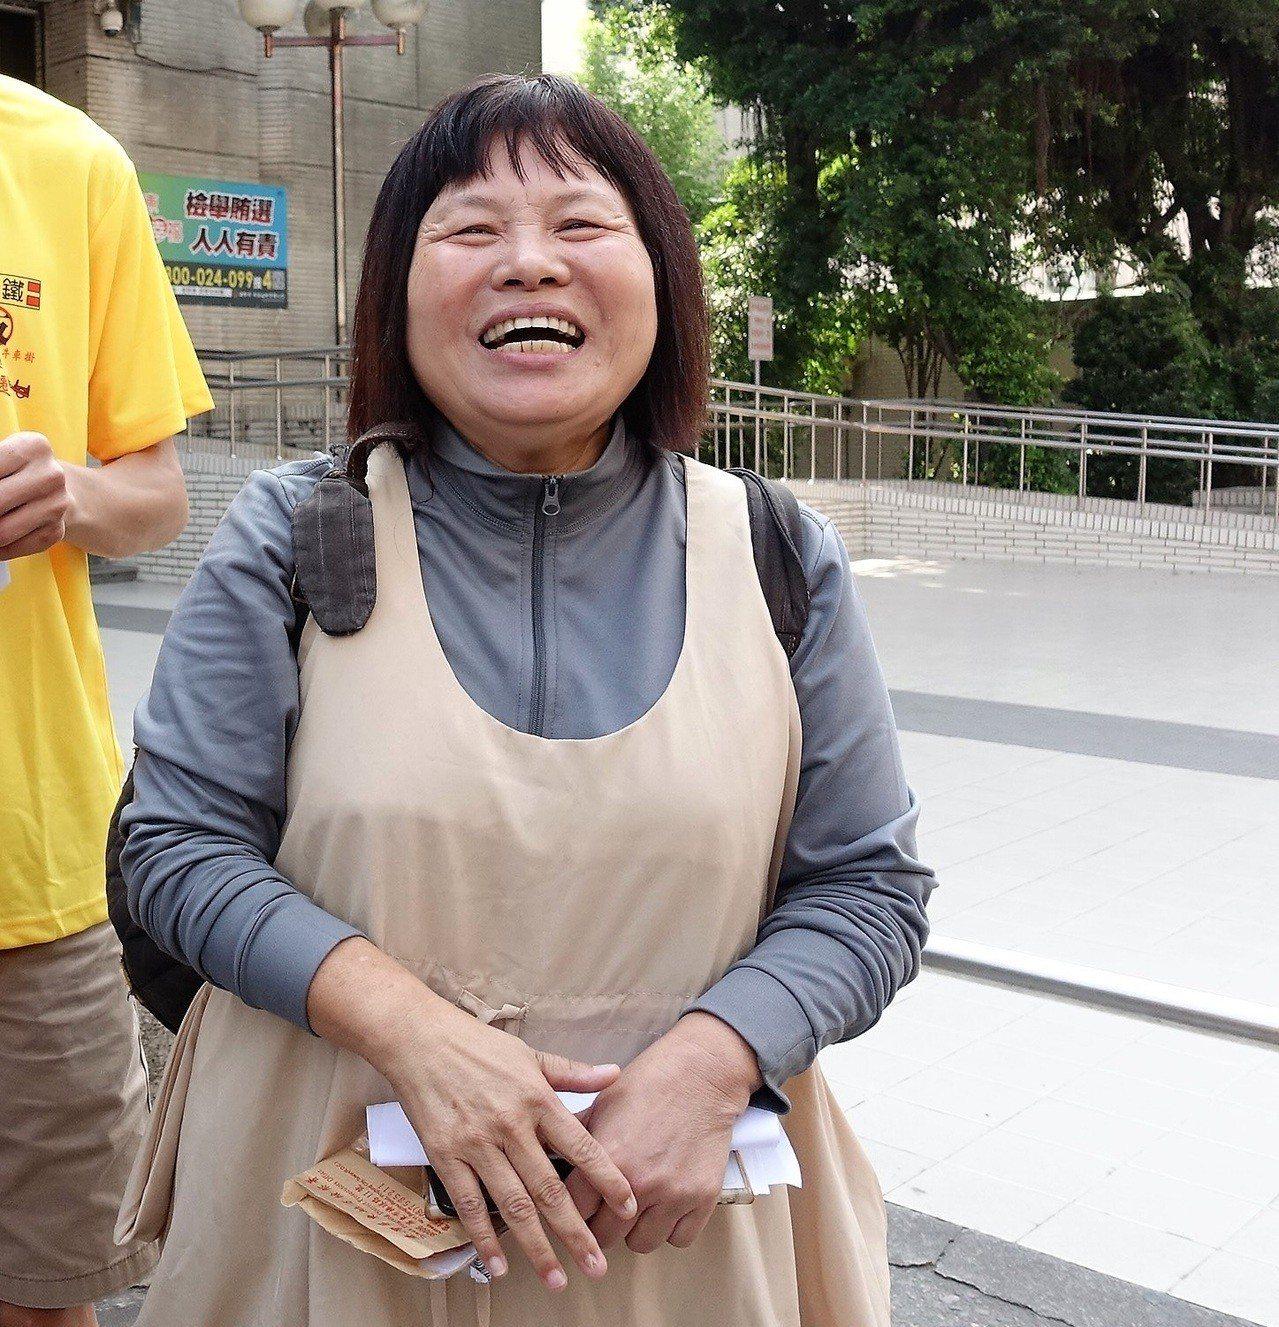 無黨籍縣議員蔣月惠看兩黨初選競爭激烈,她說「只有我最確定」。圖/本報資料照